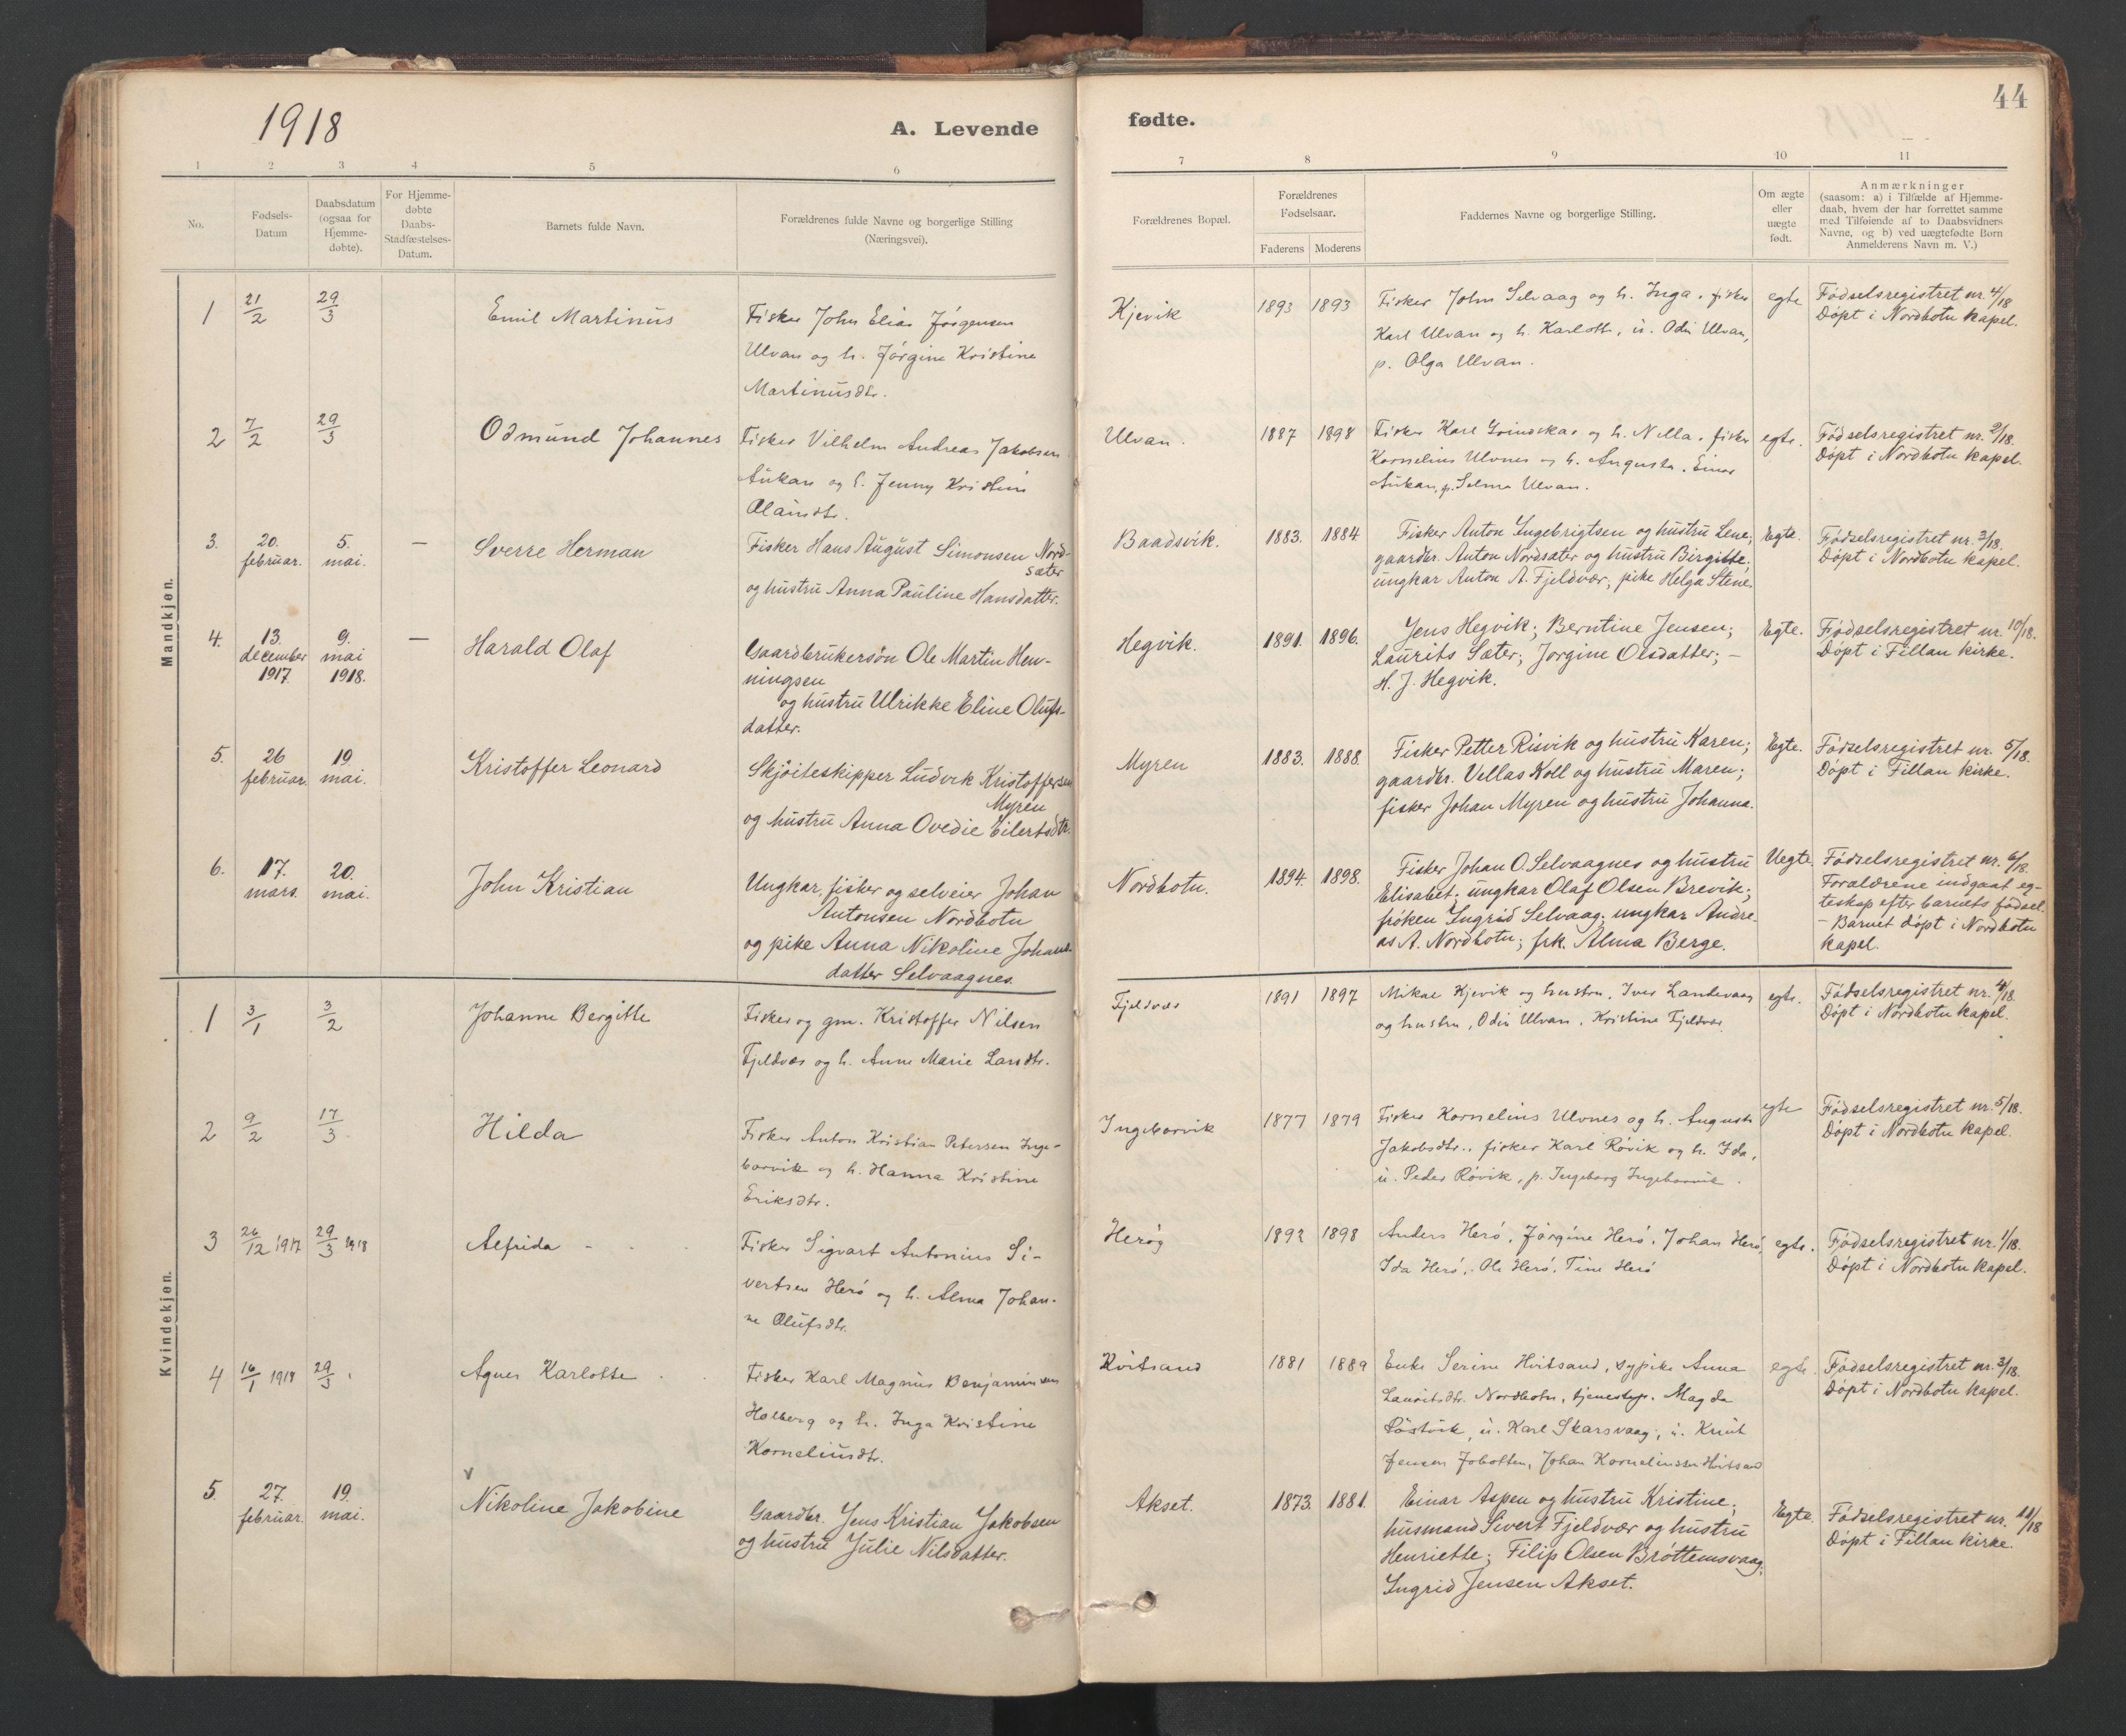 SAT, Ministerialprotokoller, klokkerbøker og fødselsregistre - Sør-Trøndelag, 637/L0559: Ministerialbok nr. 637A02, 1899-1923, s. 44